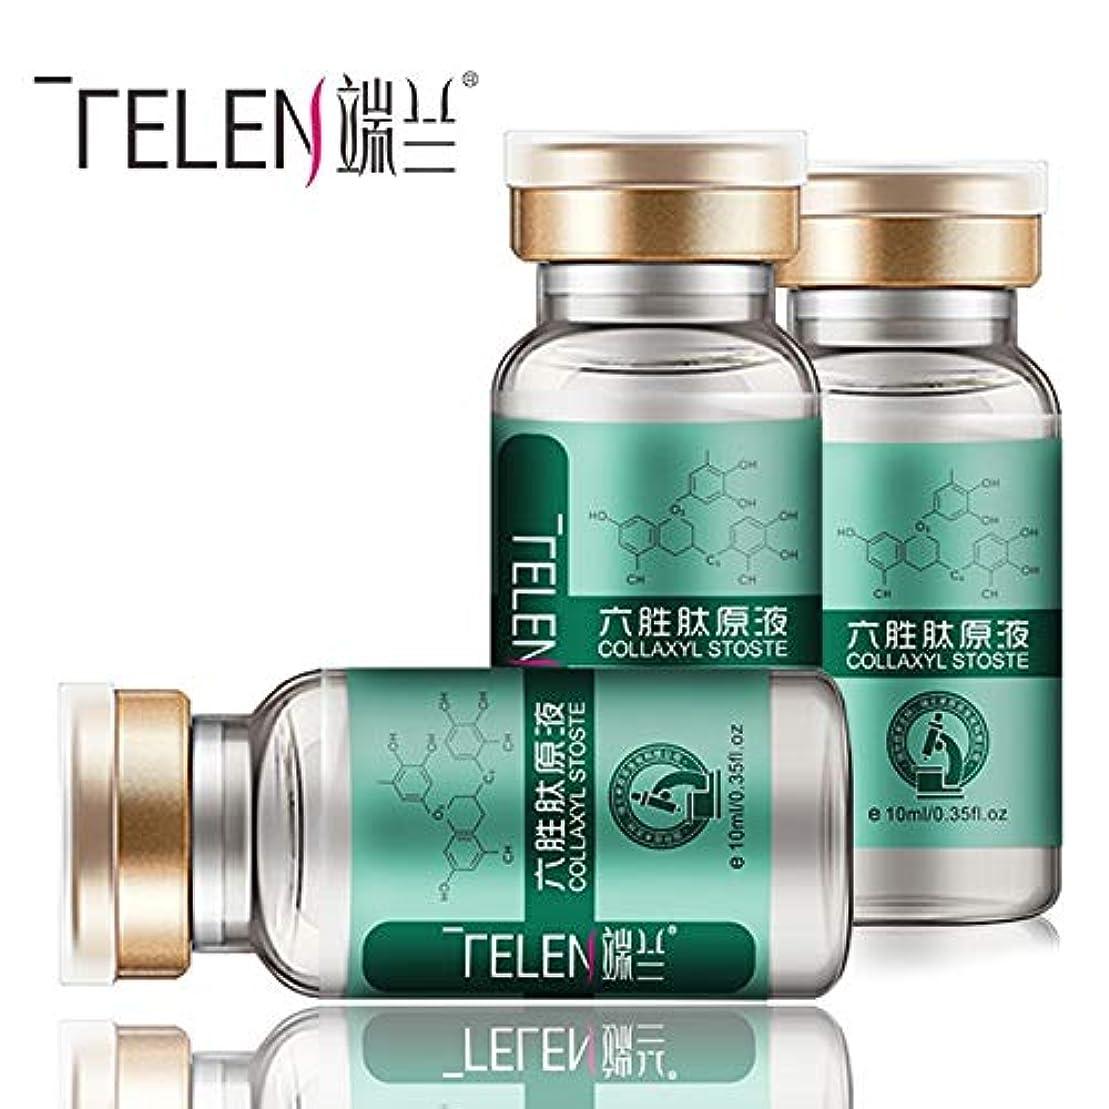 マニュアル割り込み系統的TELEN10ml六ペプチドアンチリンクルクリームコラーゲンリジュ顔ケアフェイスクリームが瞬時にAgelesリフト